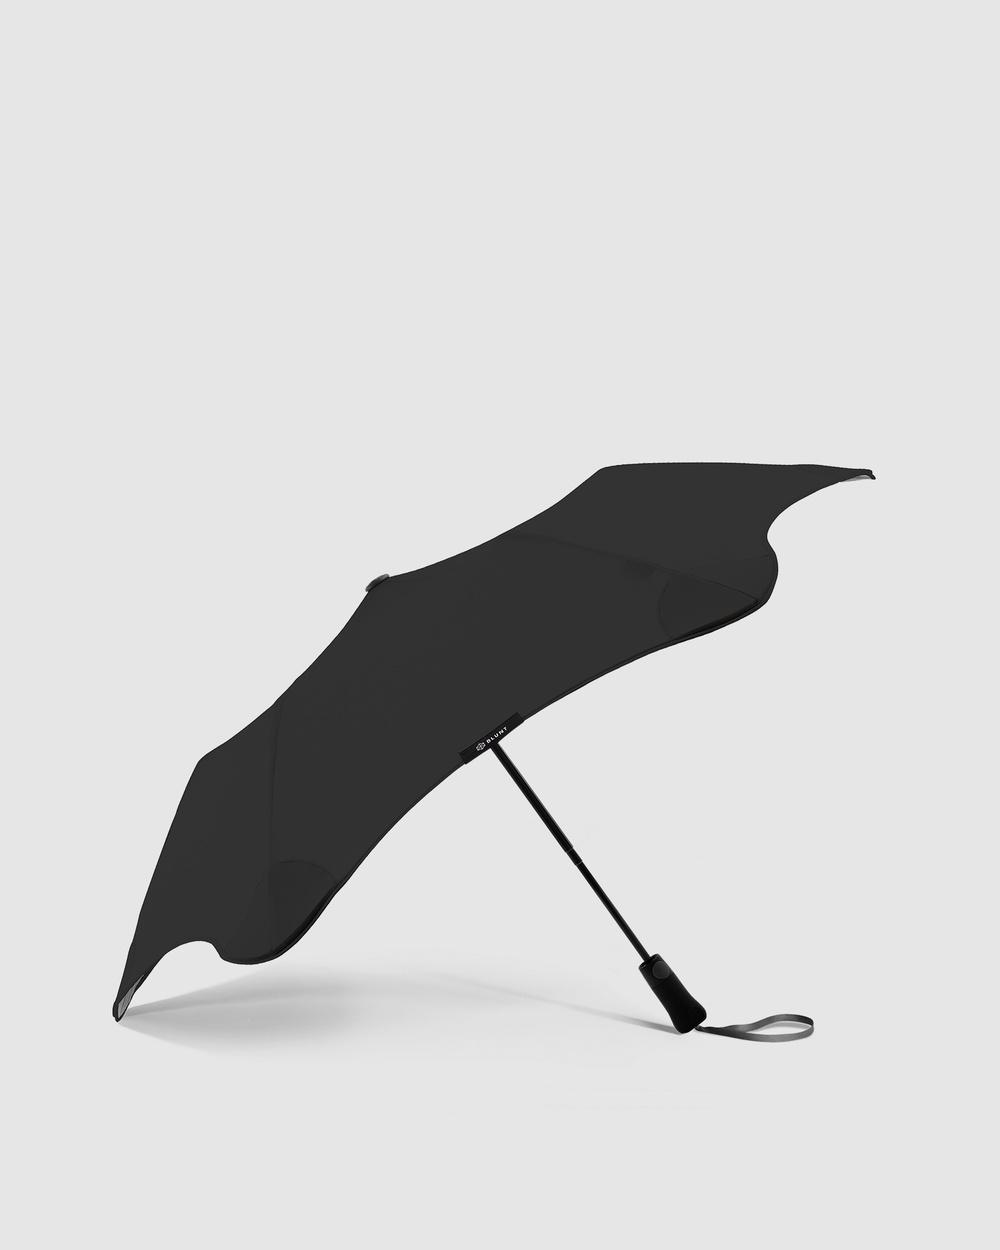 BLUNT Umbrellas Blunt Metro Umbrella Accessories Black